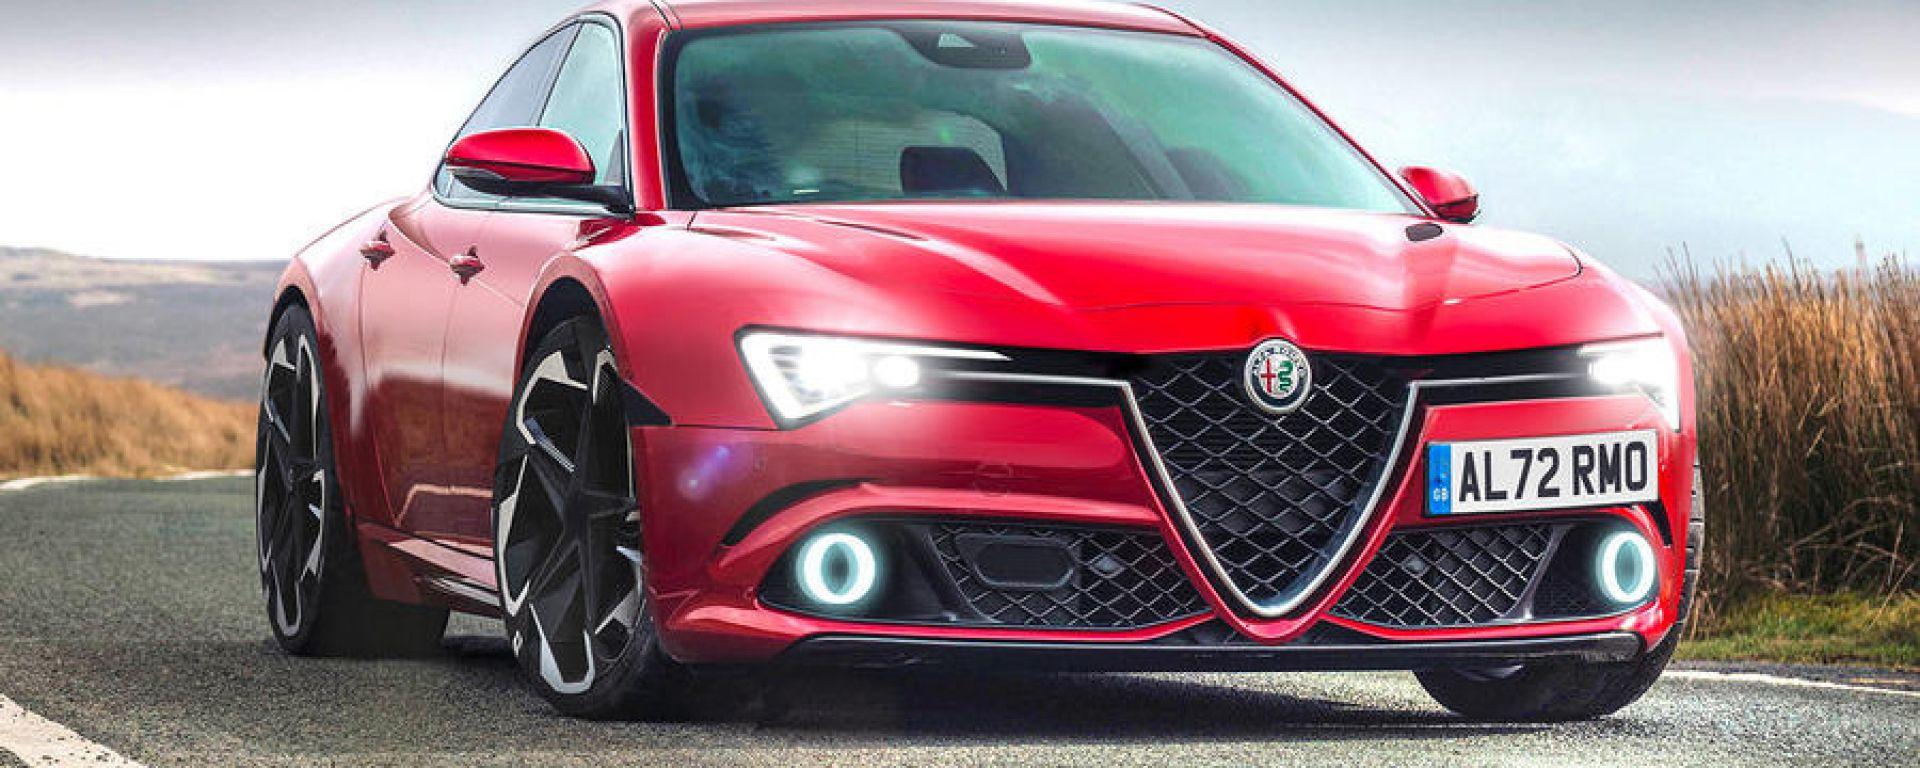 Nuova Alfa Romeo GTV, in cantiere una coupé 4 porte? Il rendering